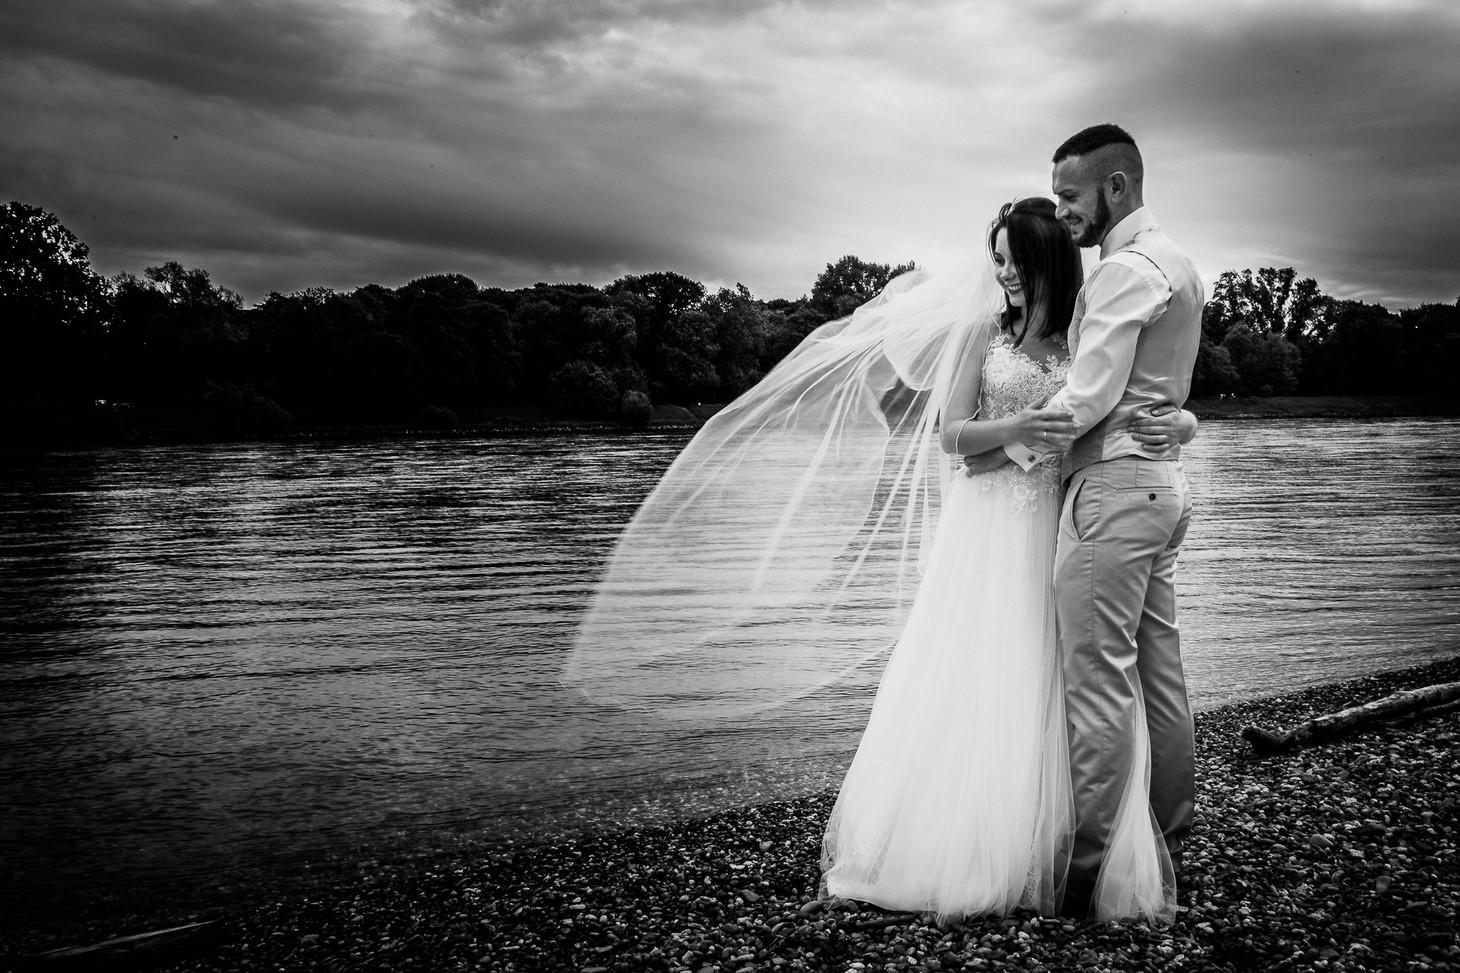 Das Brautpaar am Rhein, Parkinsel - Stadtpark Ludwigshafen. Photo made by Willi Lasarenko Photography.